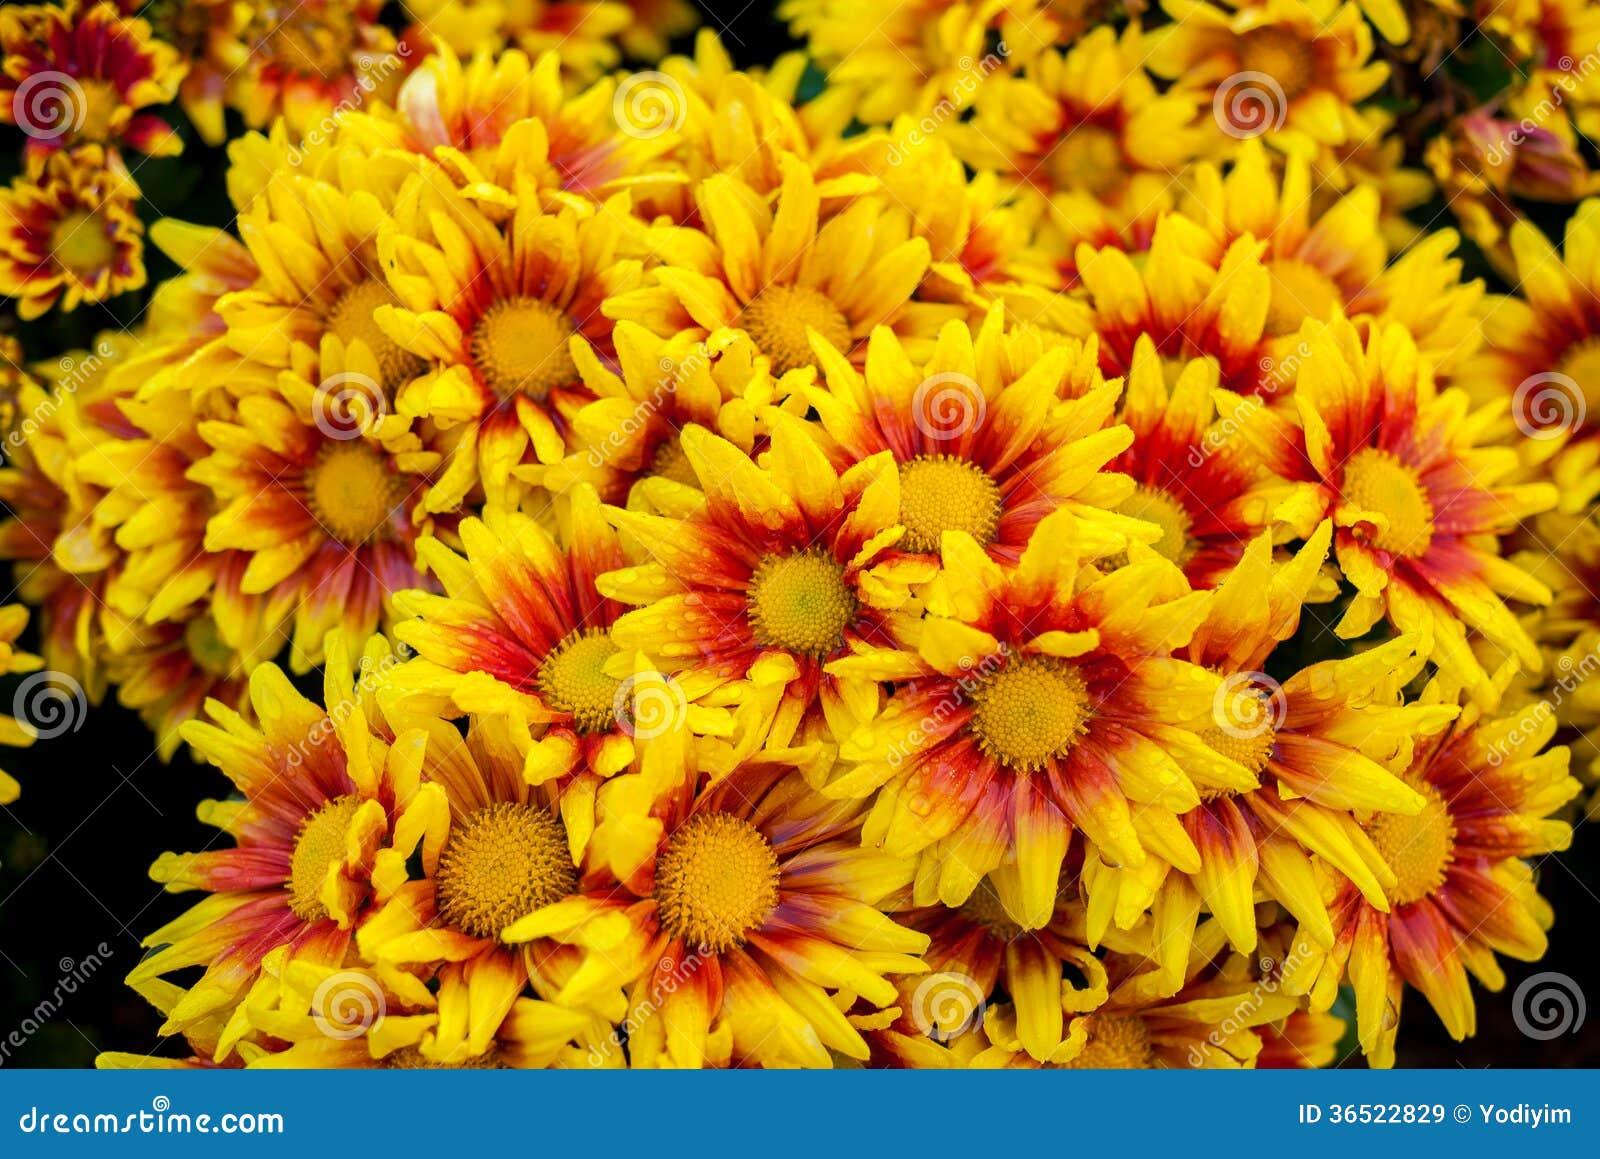 菊花美丽的花